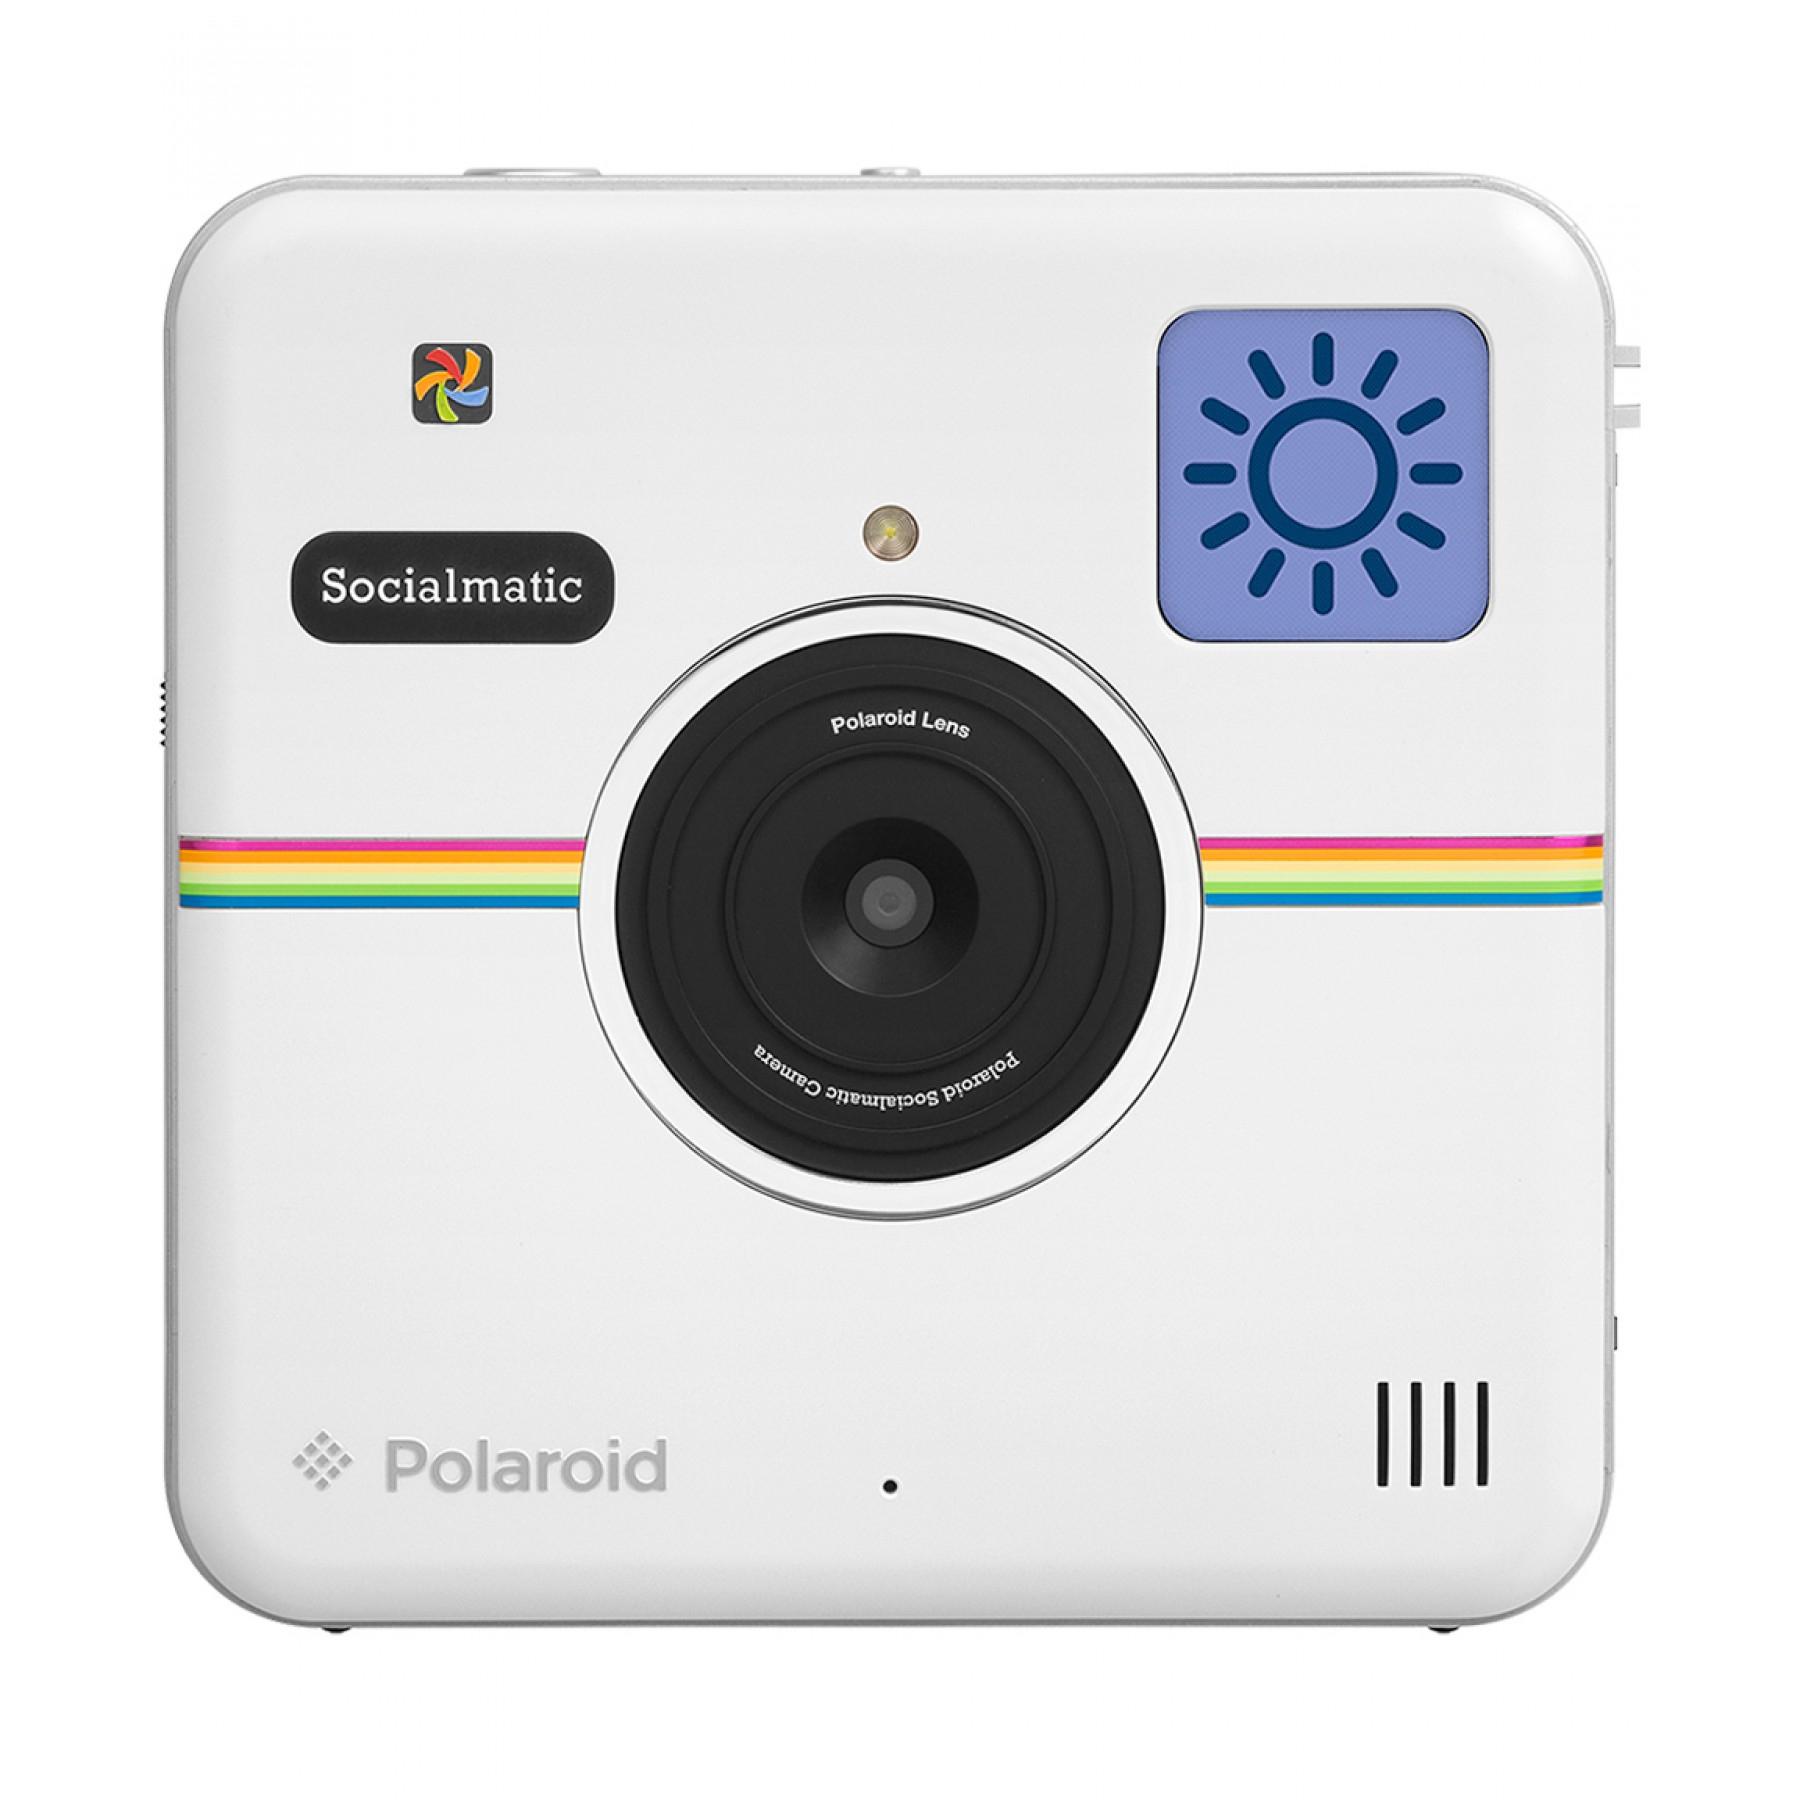 Palacio de Hierro en línea: Cámara Polaroid Socialmatic White a $3,750